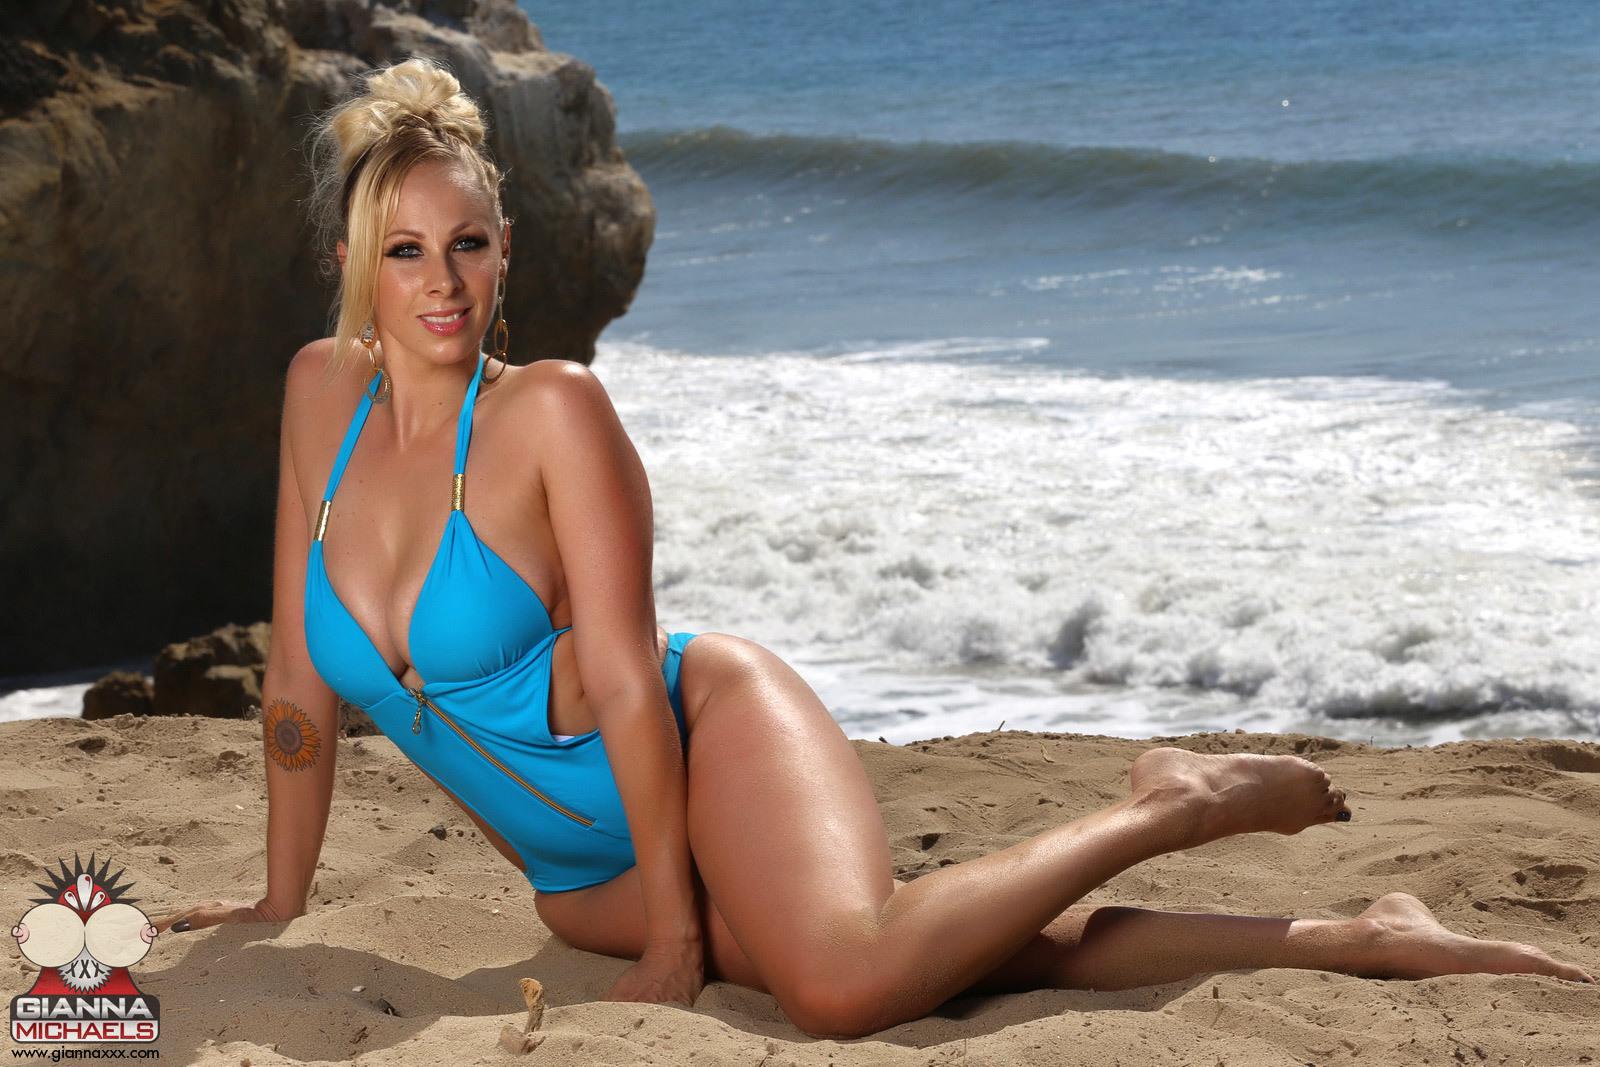 Твиттер gianna michaels, Gianna Michaels порно - HD видео для взрослых 28 фотография